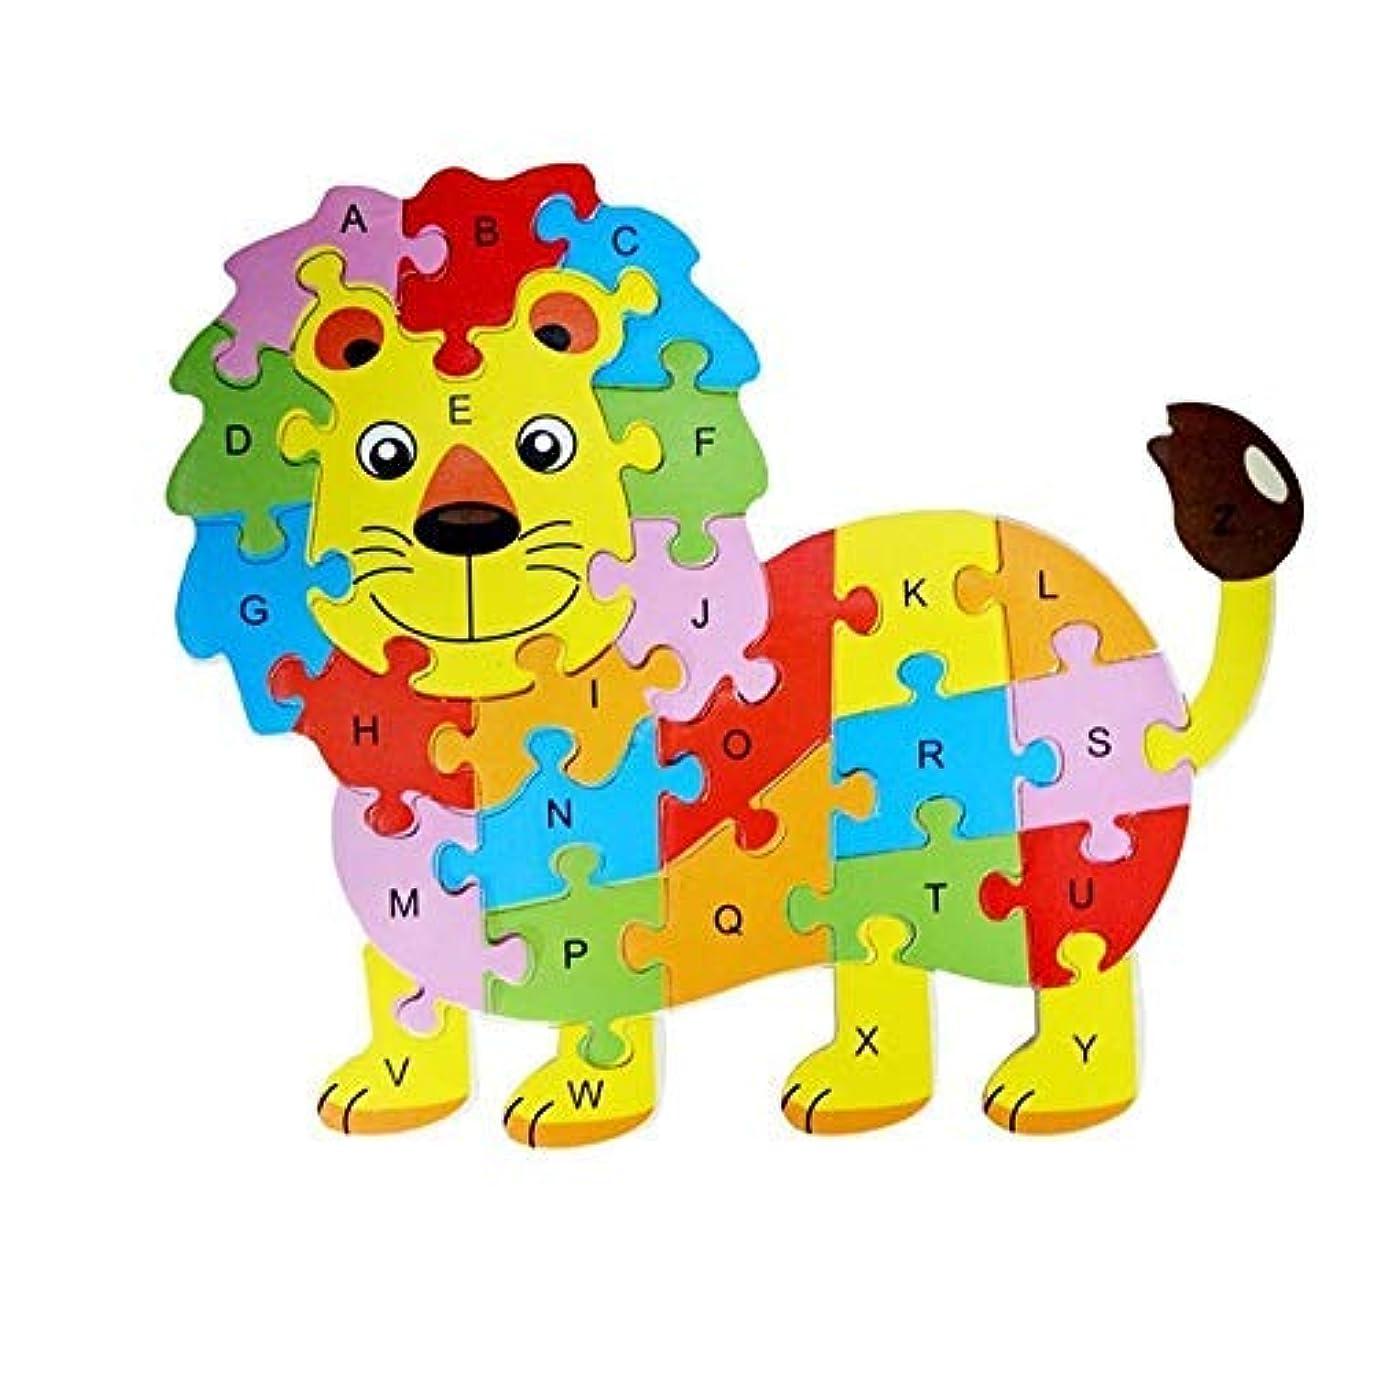 記憶に残る圧縮愛人Fennye 木製パズル 子供 知育玩具 早期教育 保育園 教具 誕生日 セット 男の子 女の子 赤ちゃん 訓練 英語